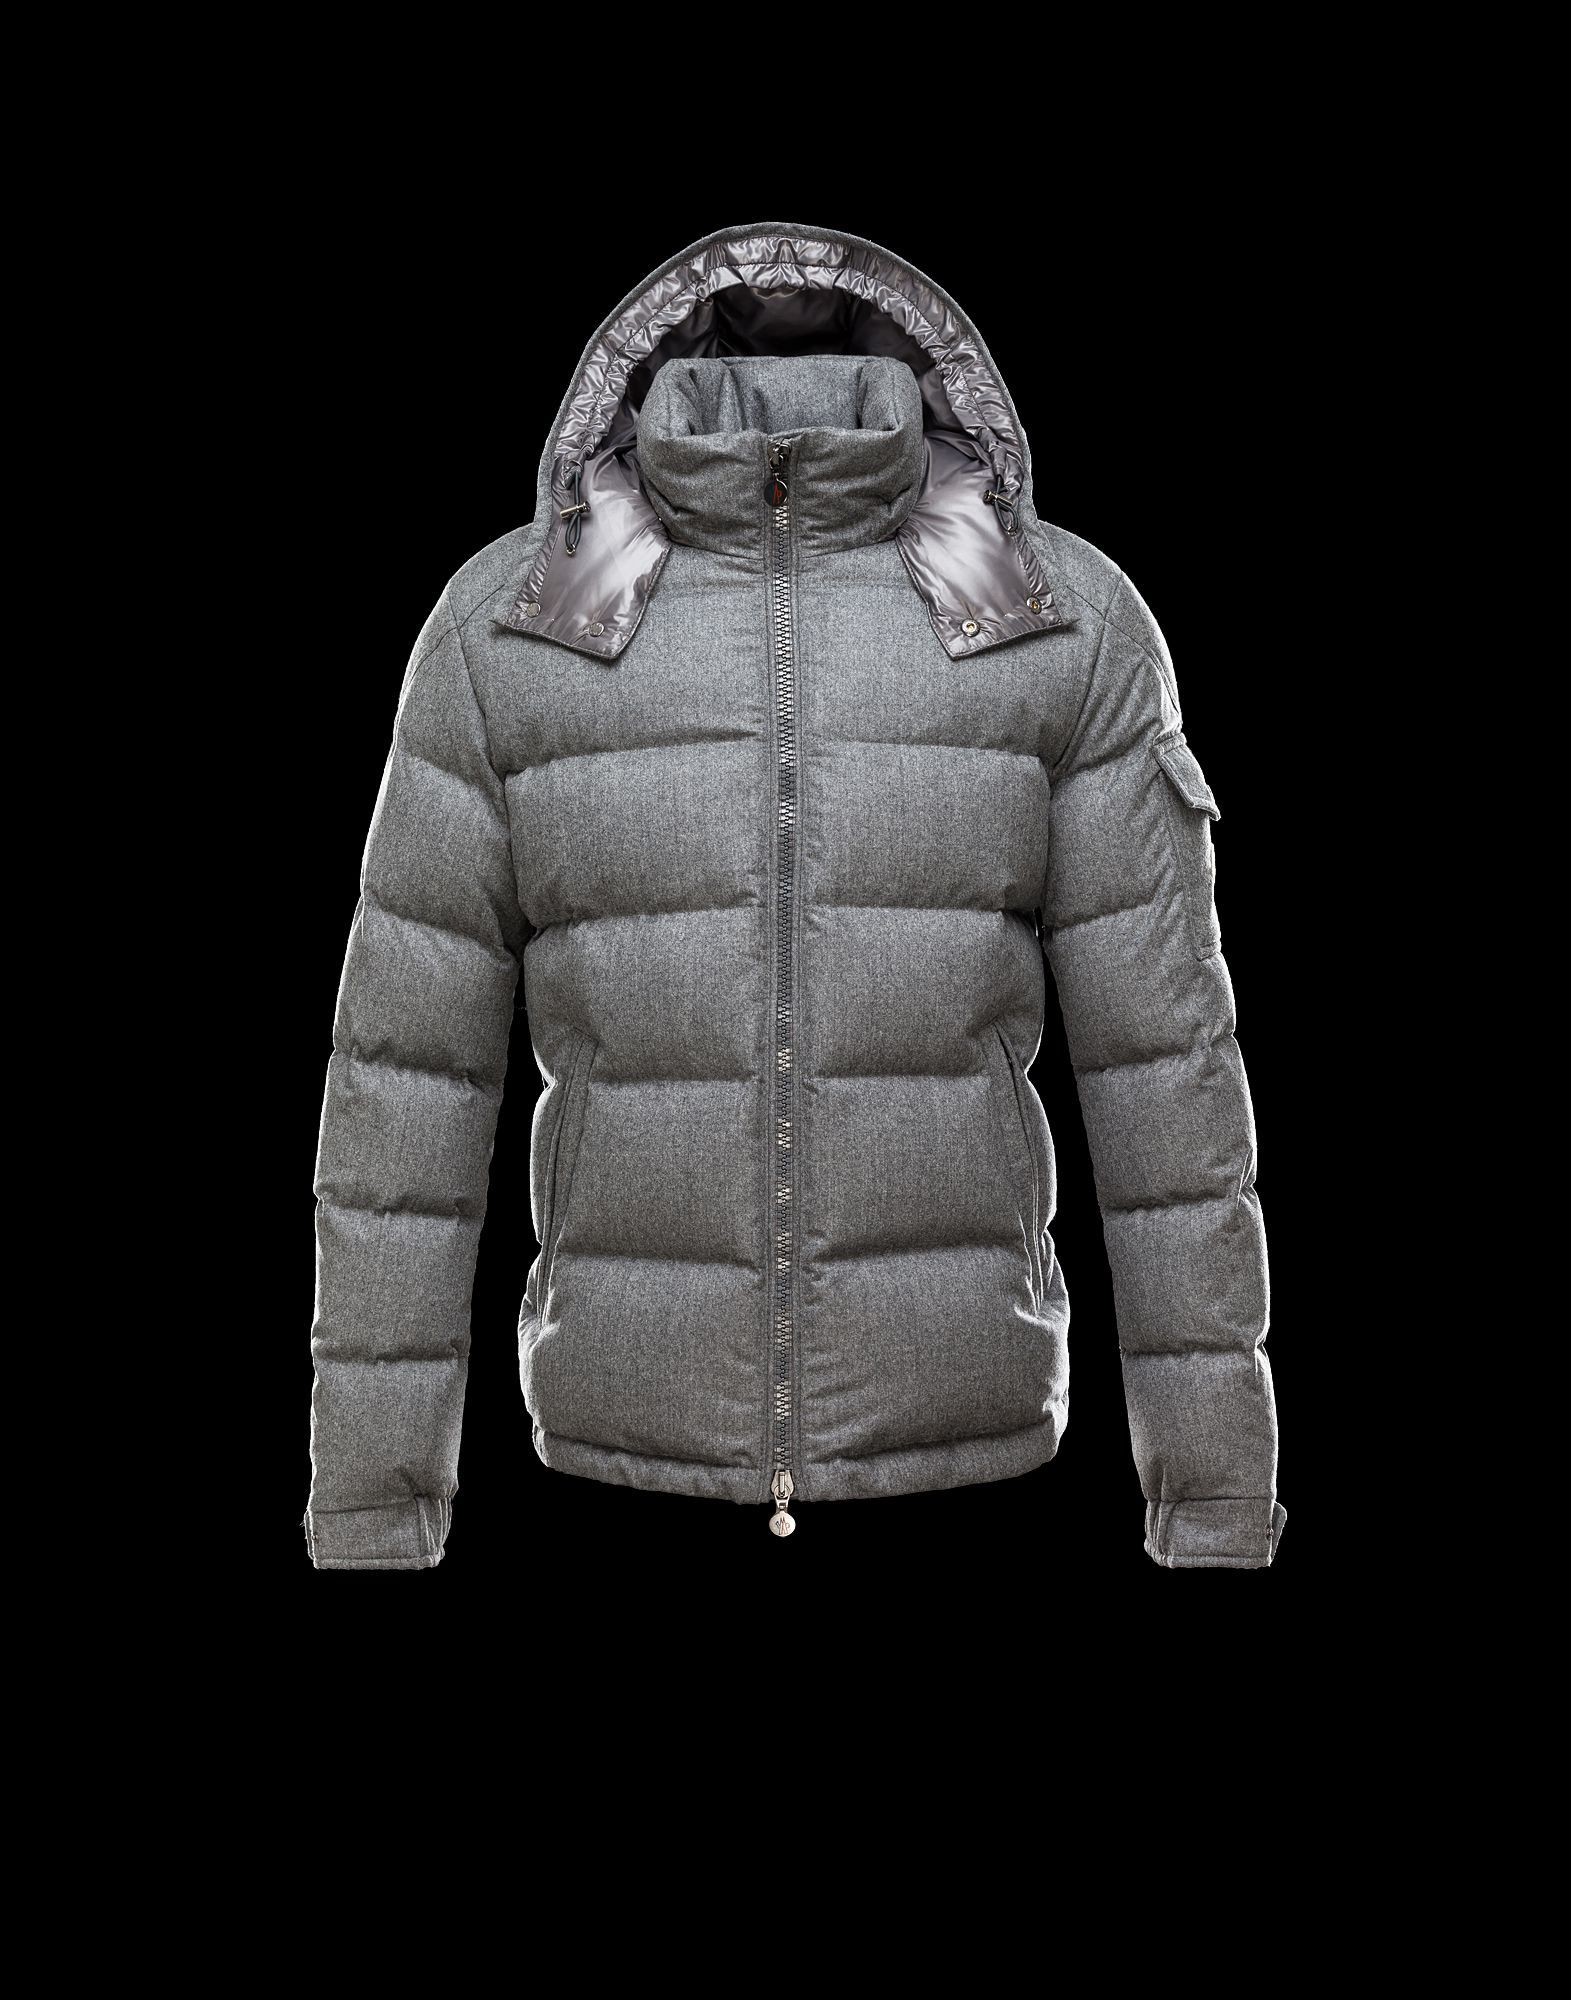 France Moncler Montgenevre Winter Jackets For Men Gray Outlet